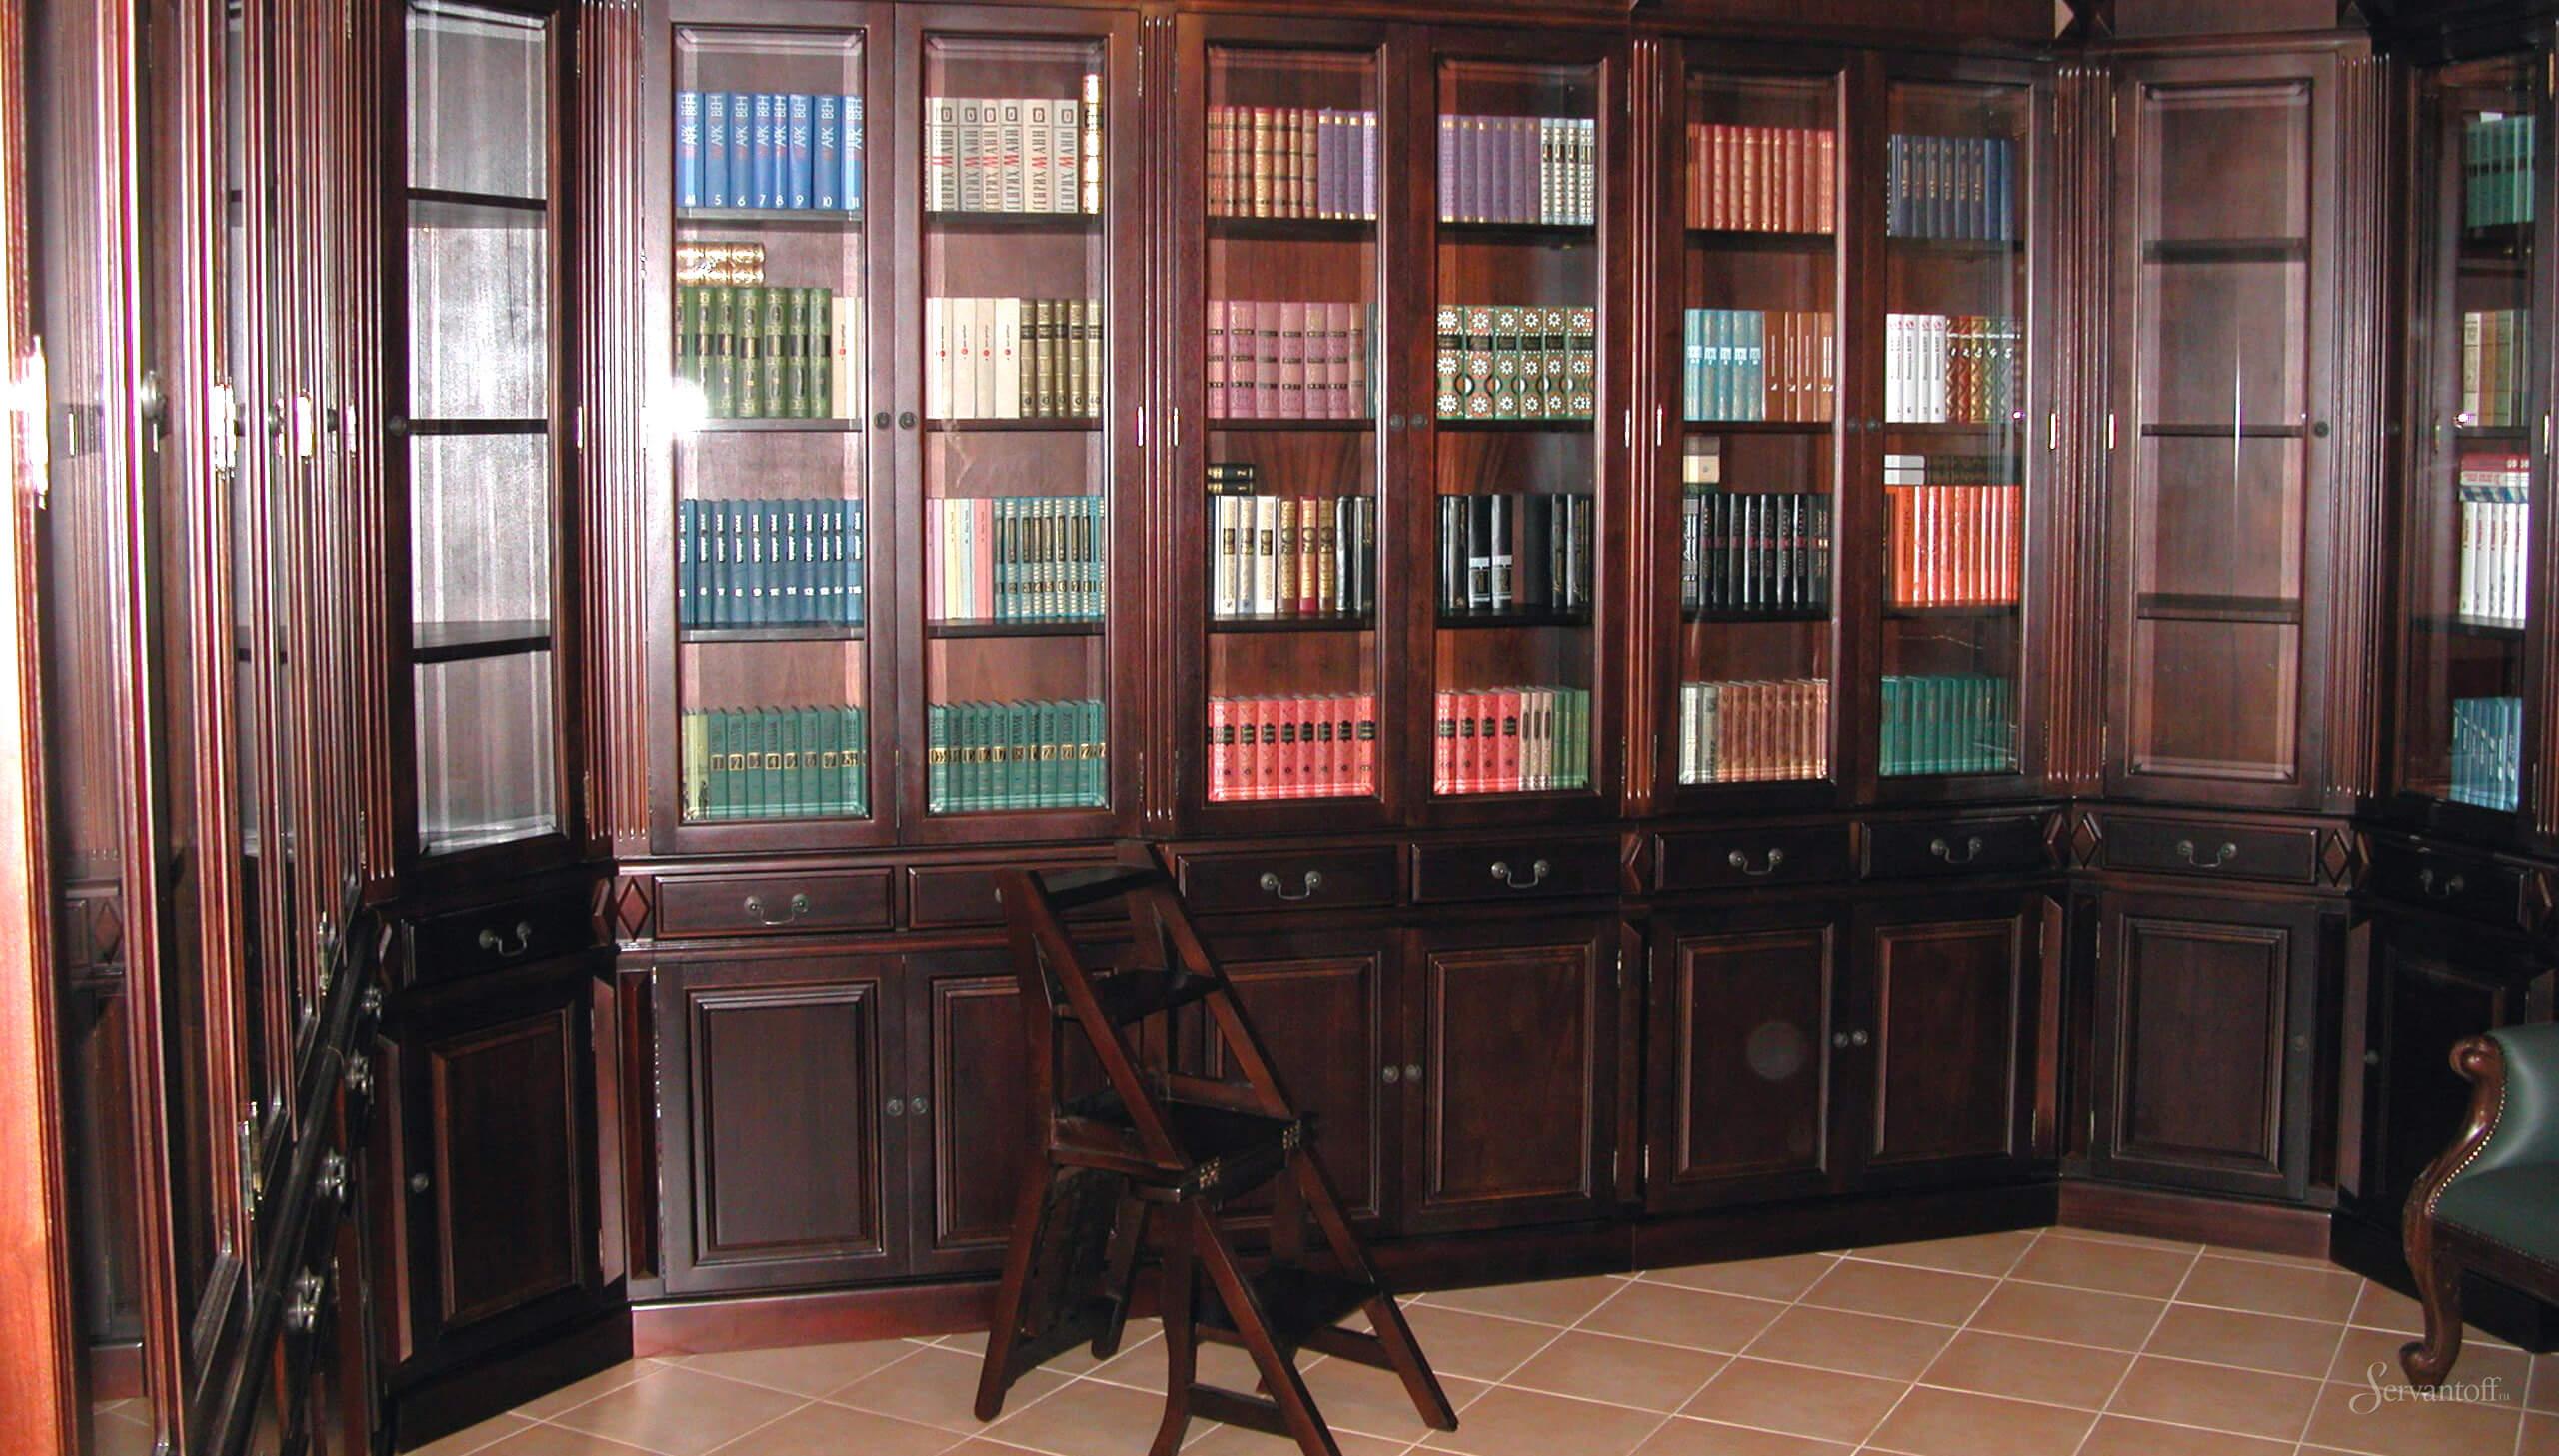 помещении они мебель для библиотеки фото много увлекательных моделей